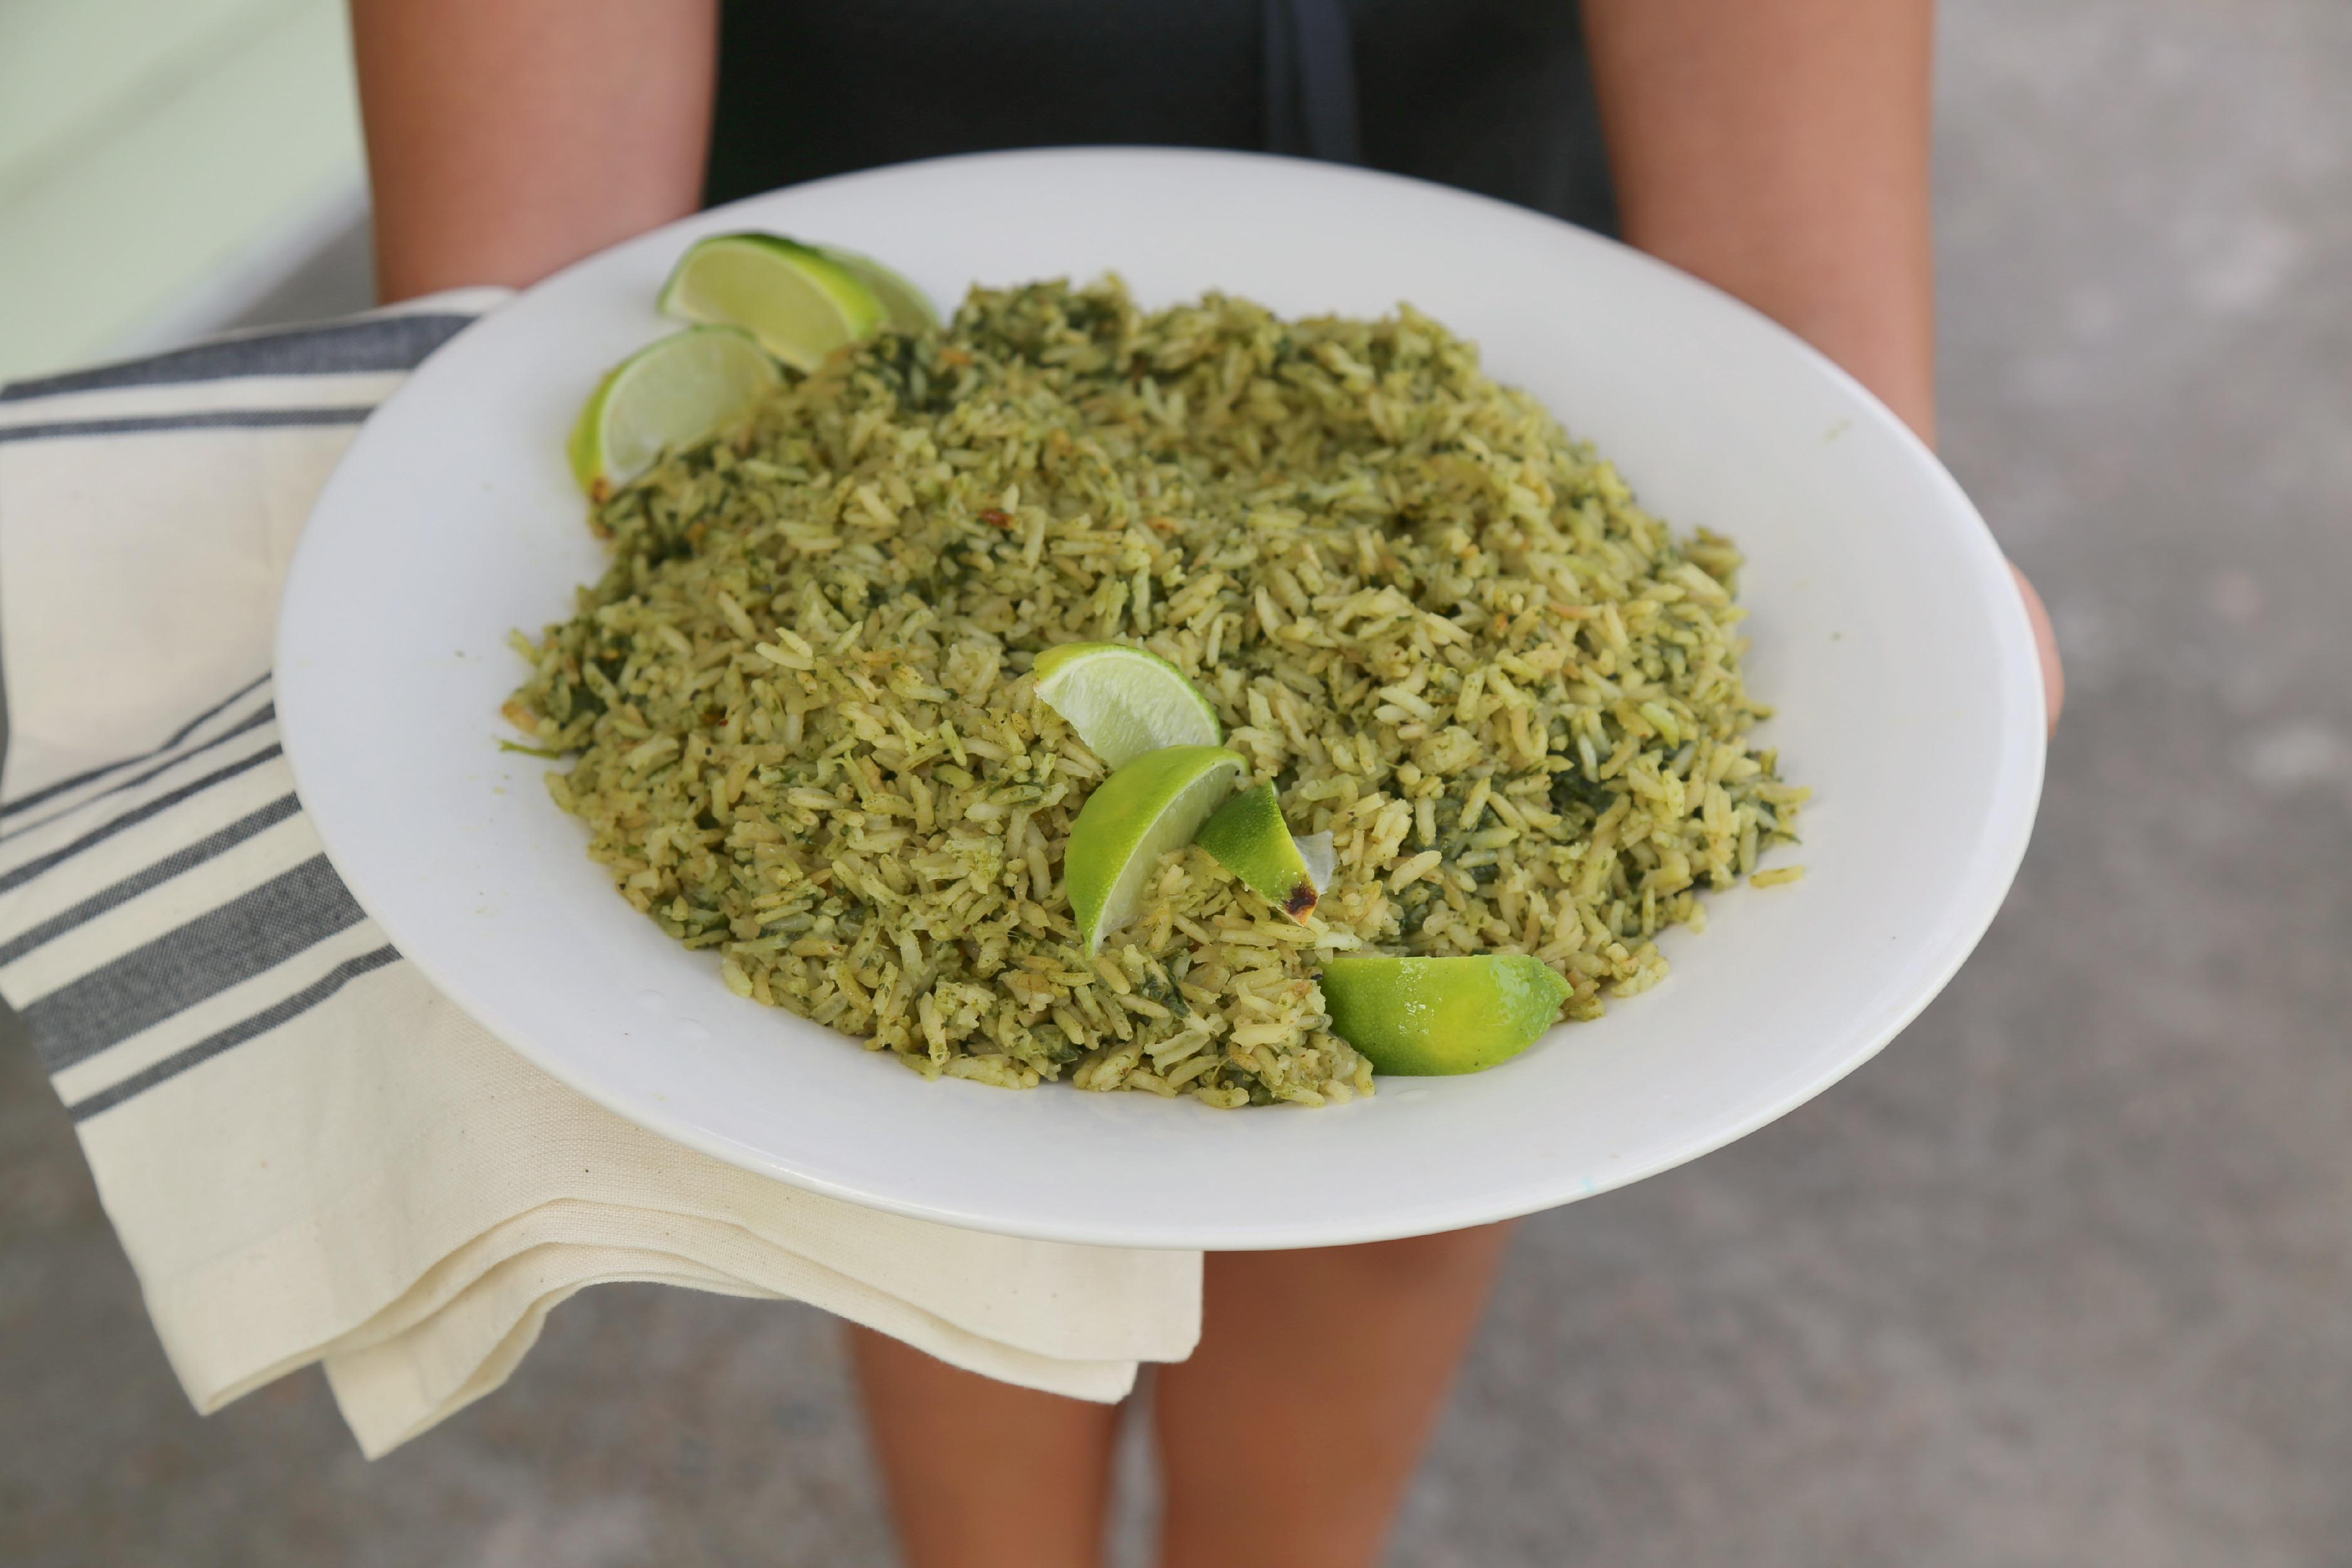 arroz-verde-vianneyrodriguez-sweetlifebake